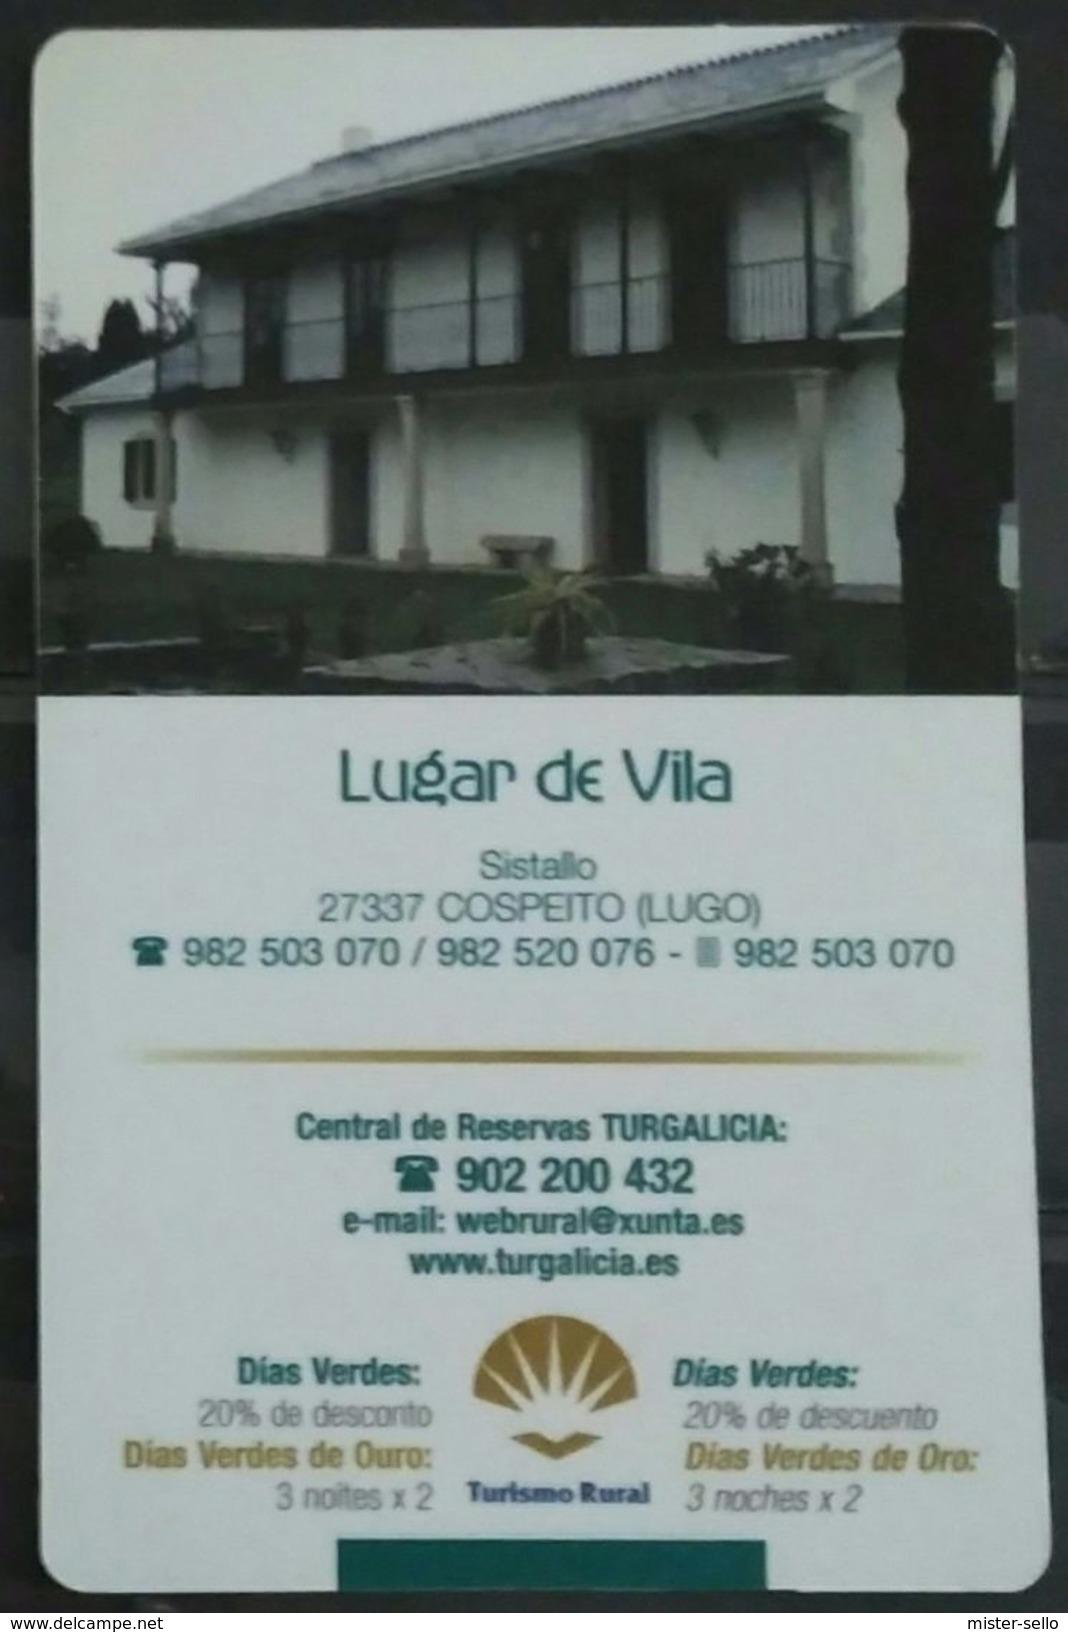 ESPAÑA 2004. CALENDARIO DIAS VERDES. COSPEITO (LUGO). - Calendarios